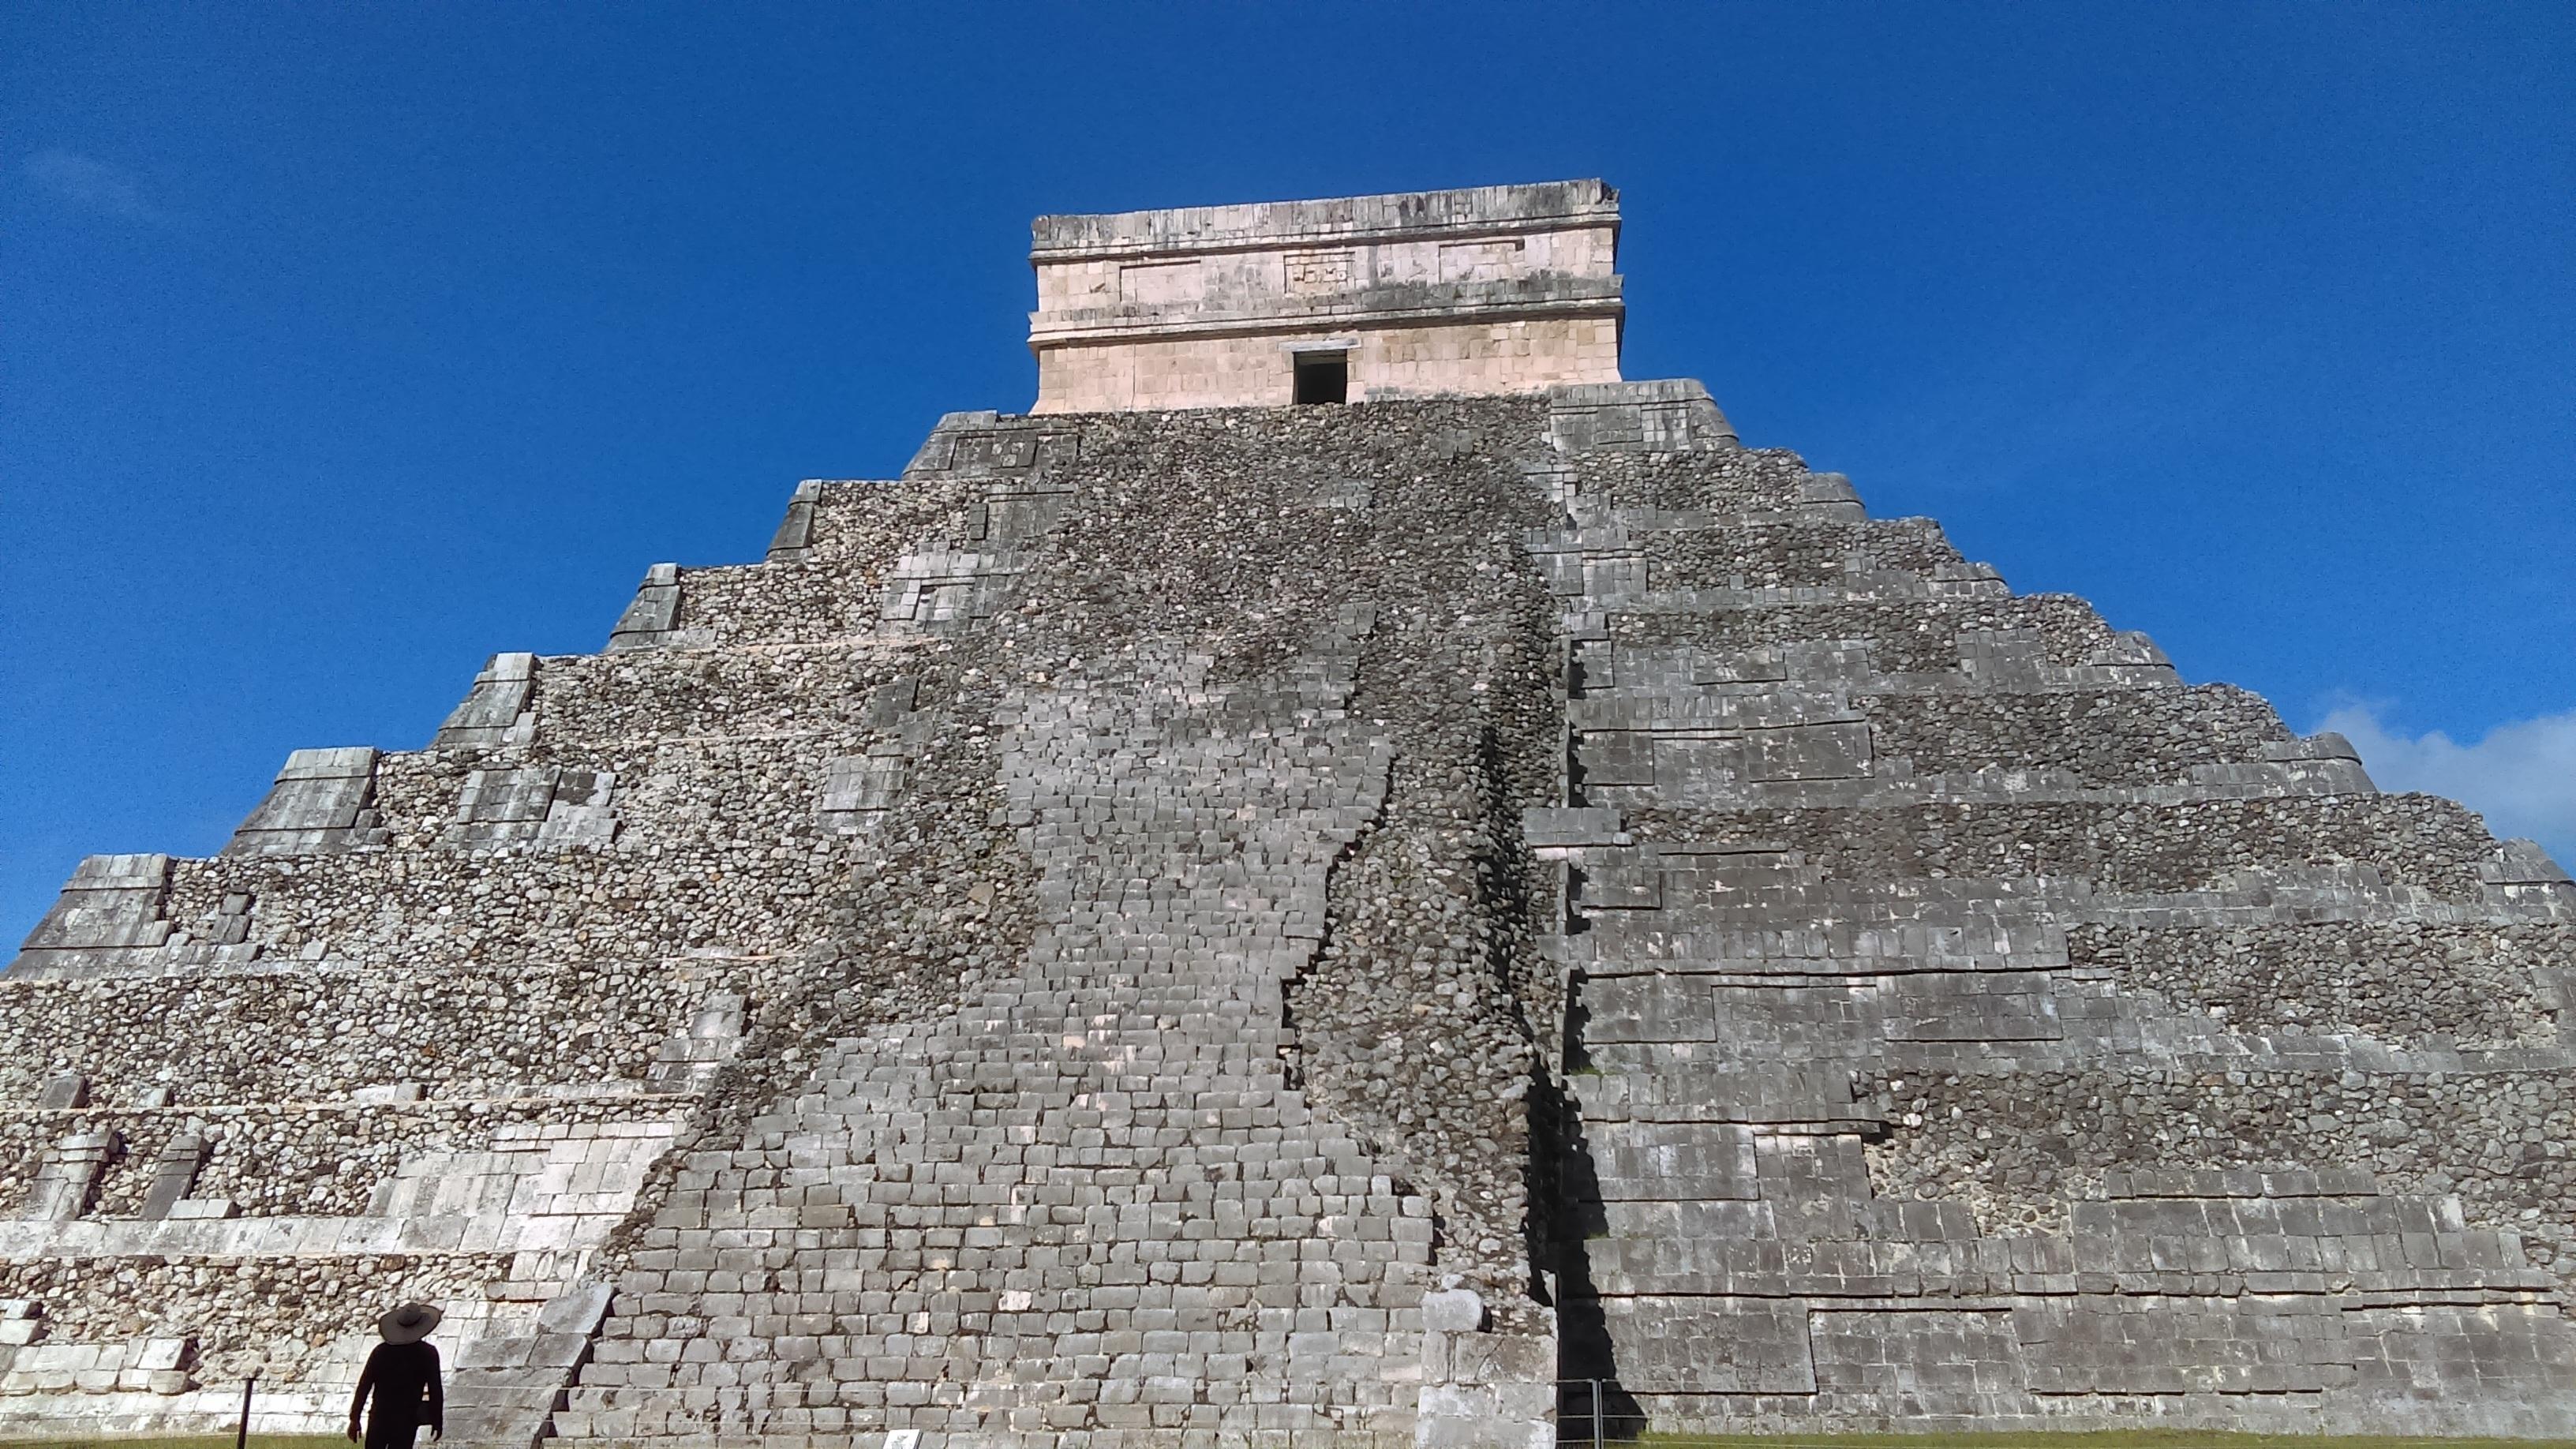 будете фото рисунков на пирамидах майя хотела видеть